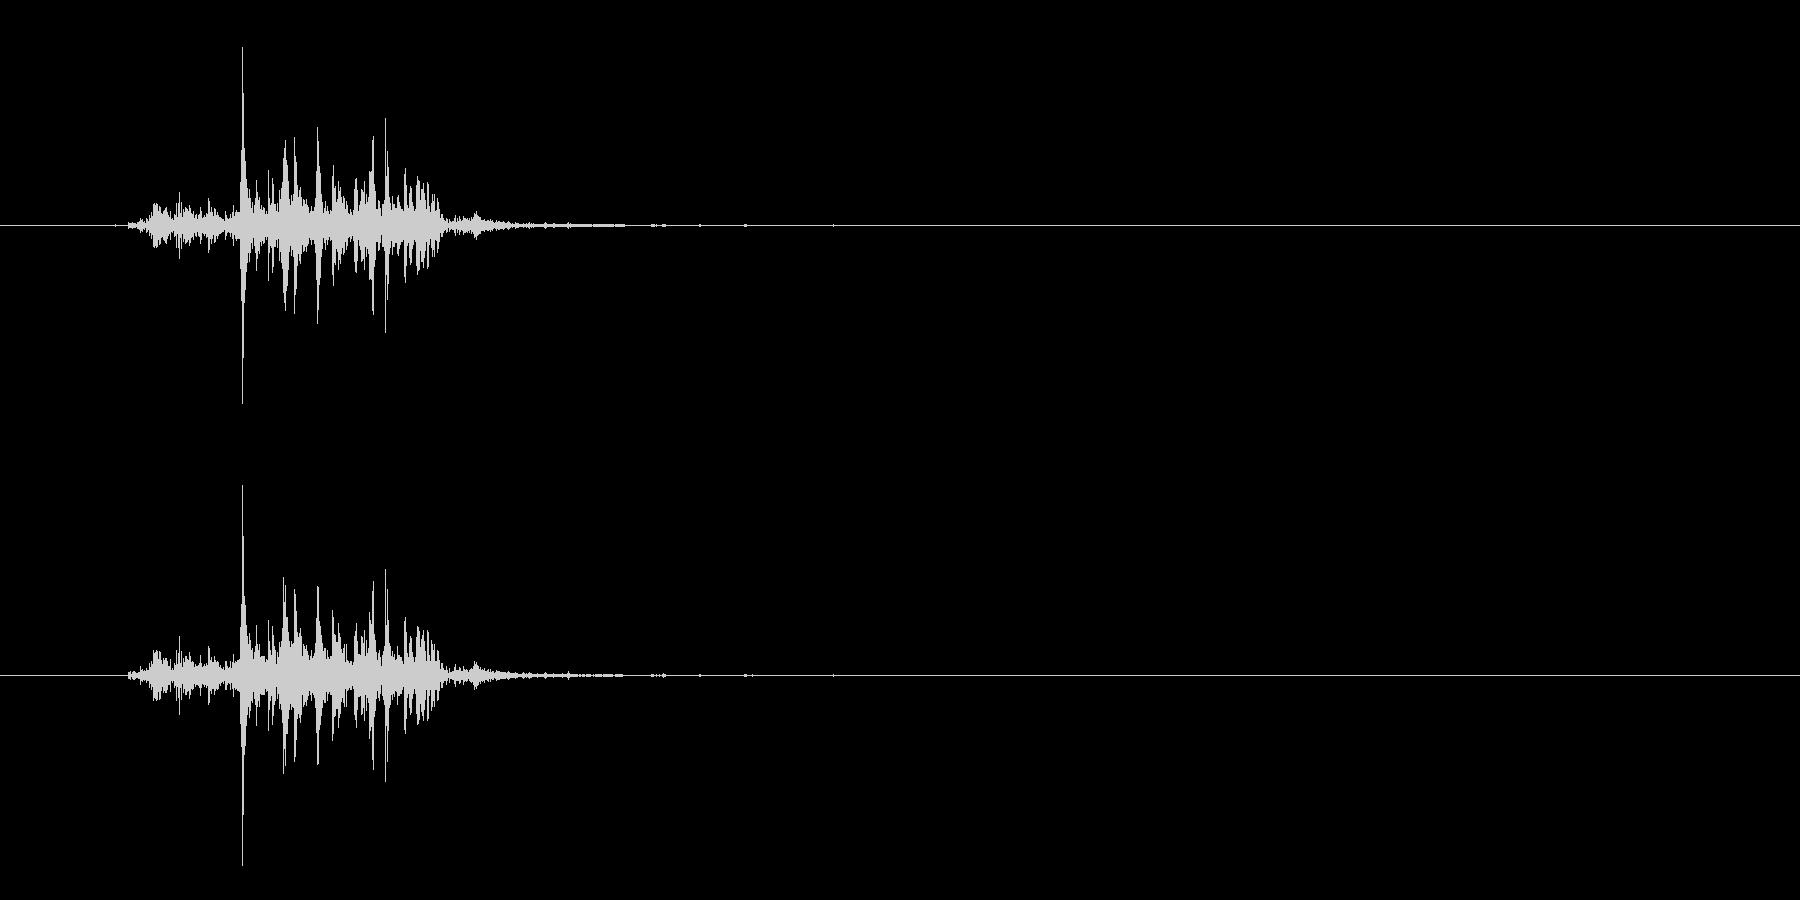 セレリー:ファストバイト、フードフードの未再生の波形